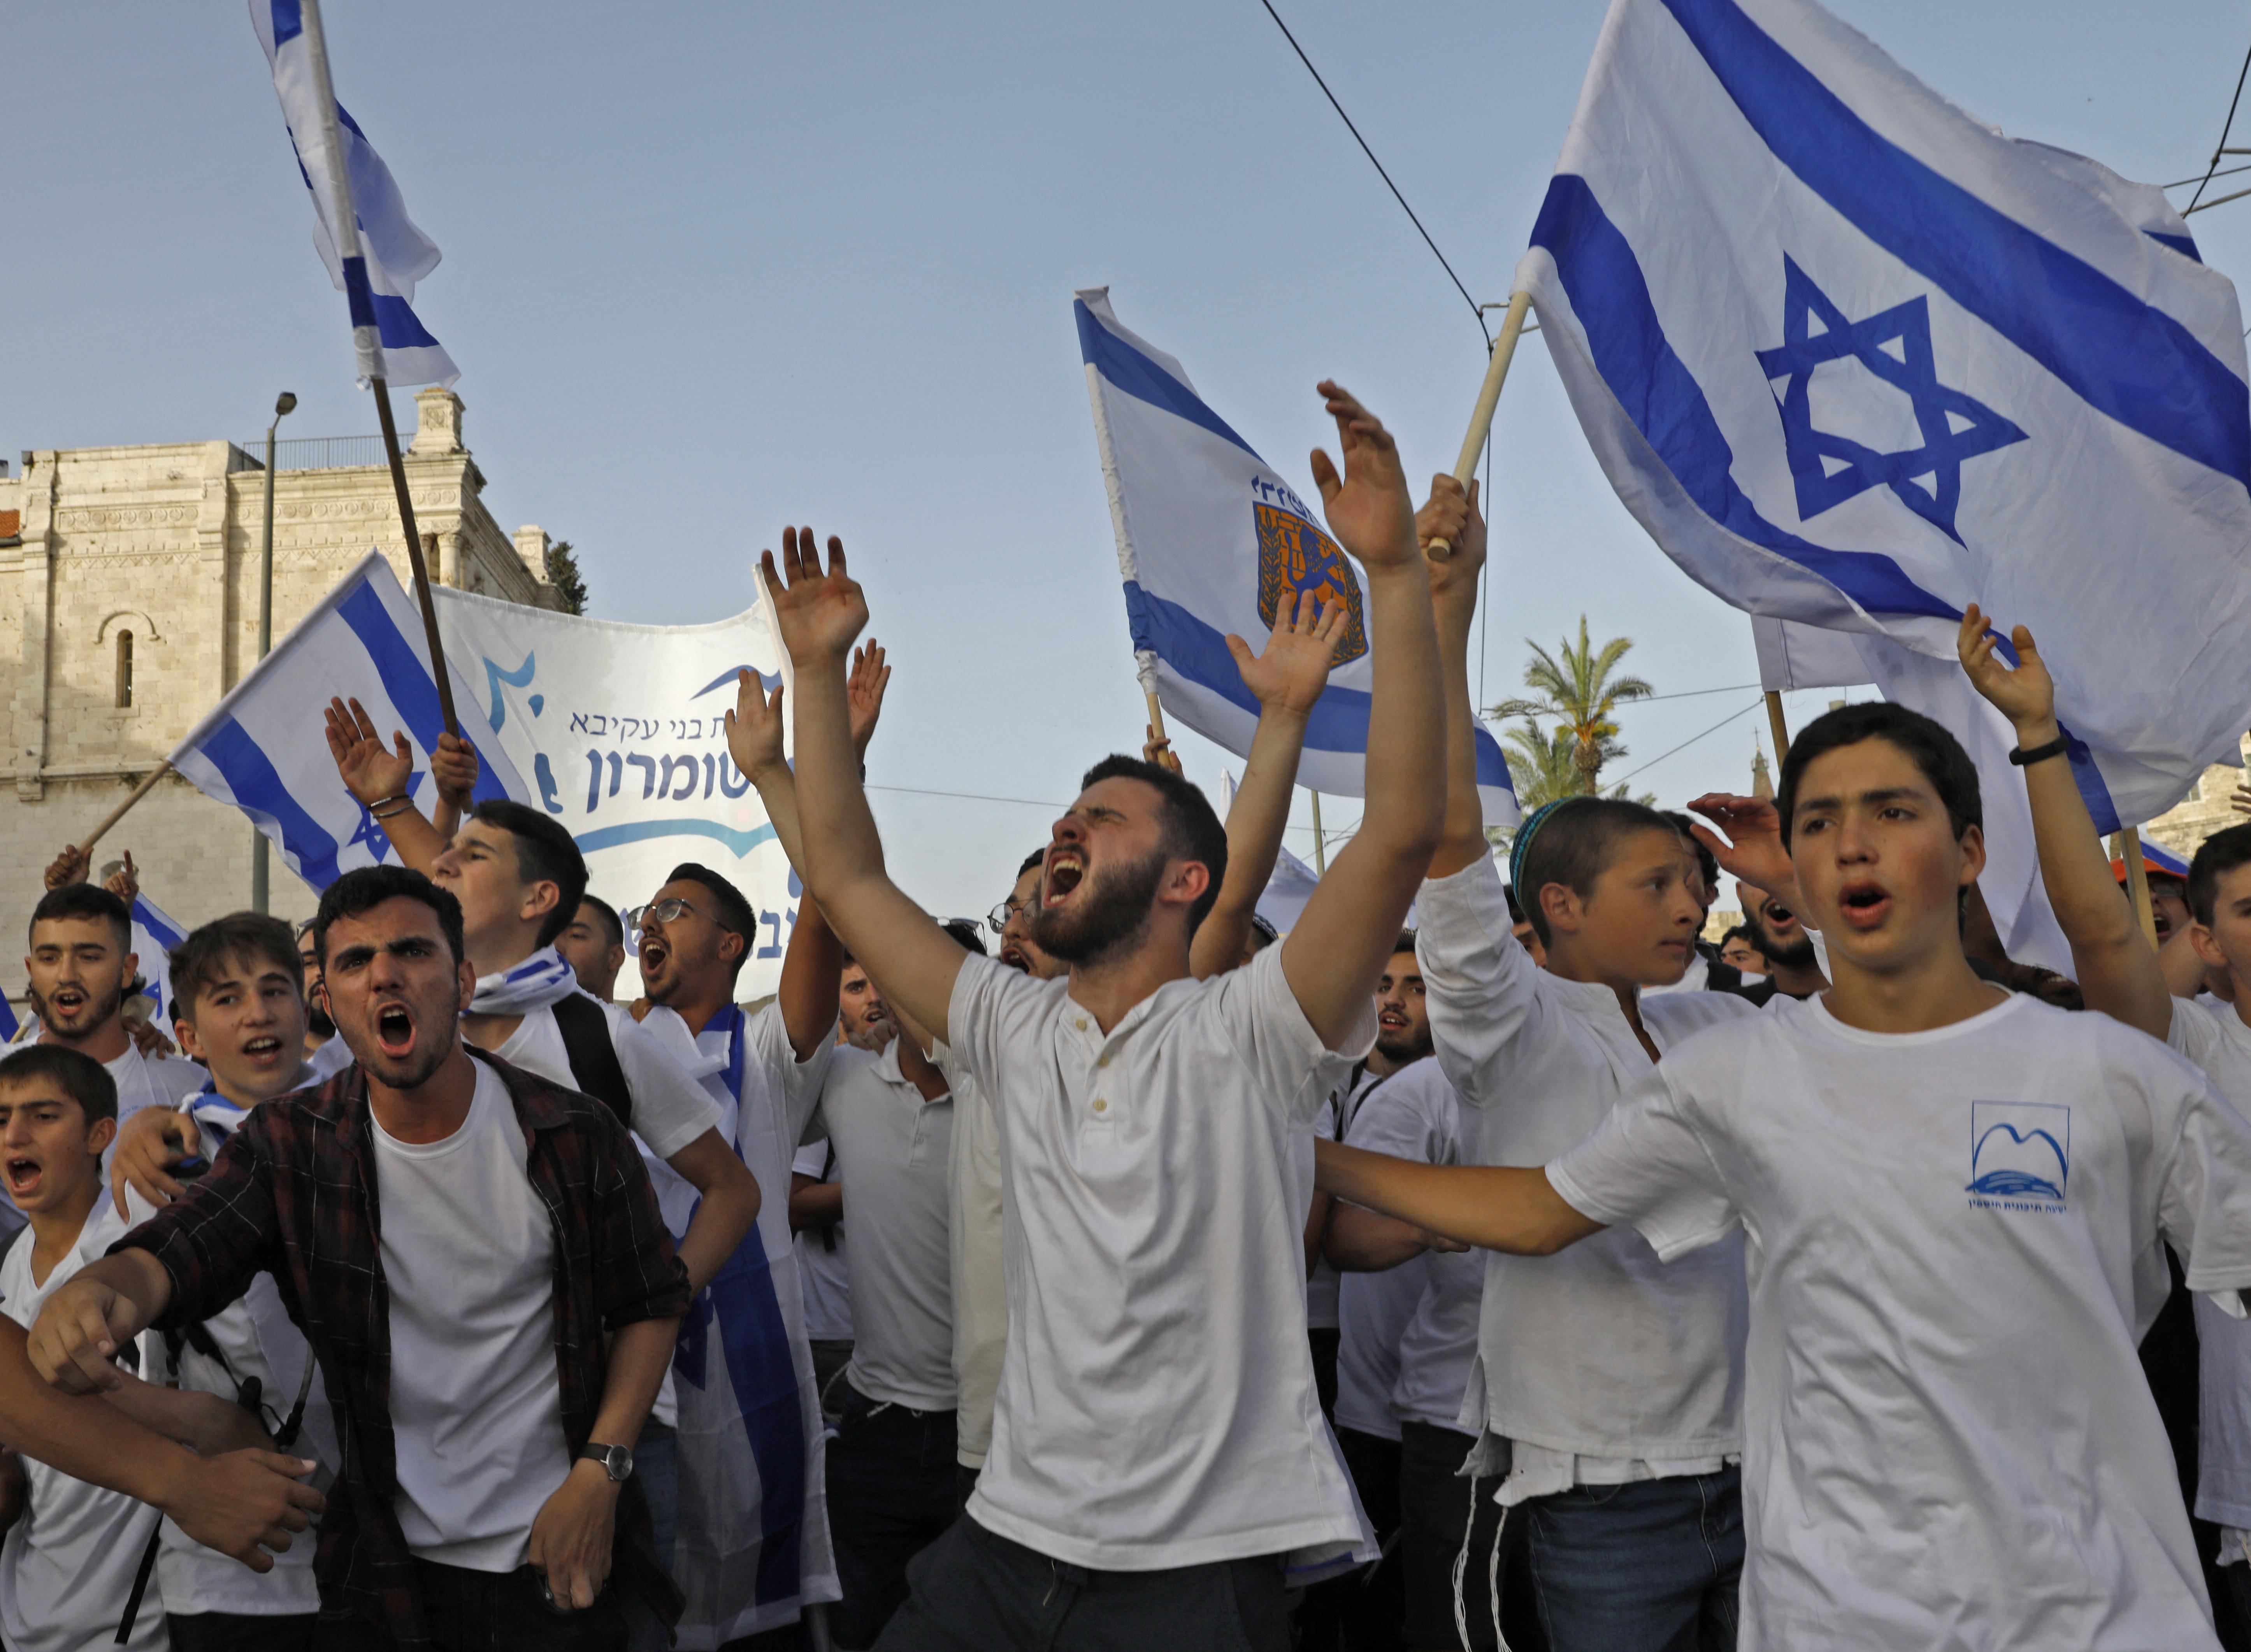 Ugyanarra készülnek az izraeliek, mint ami kirobbantotta a májusi krízist